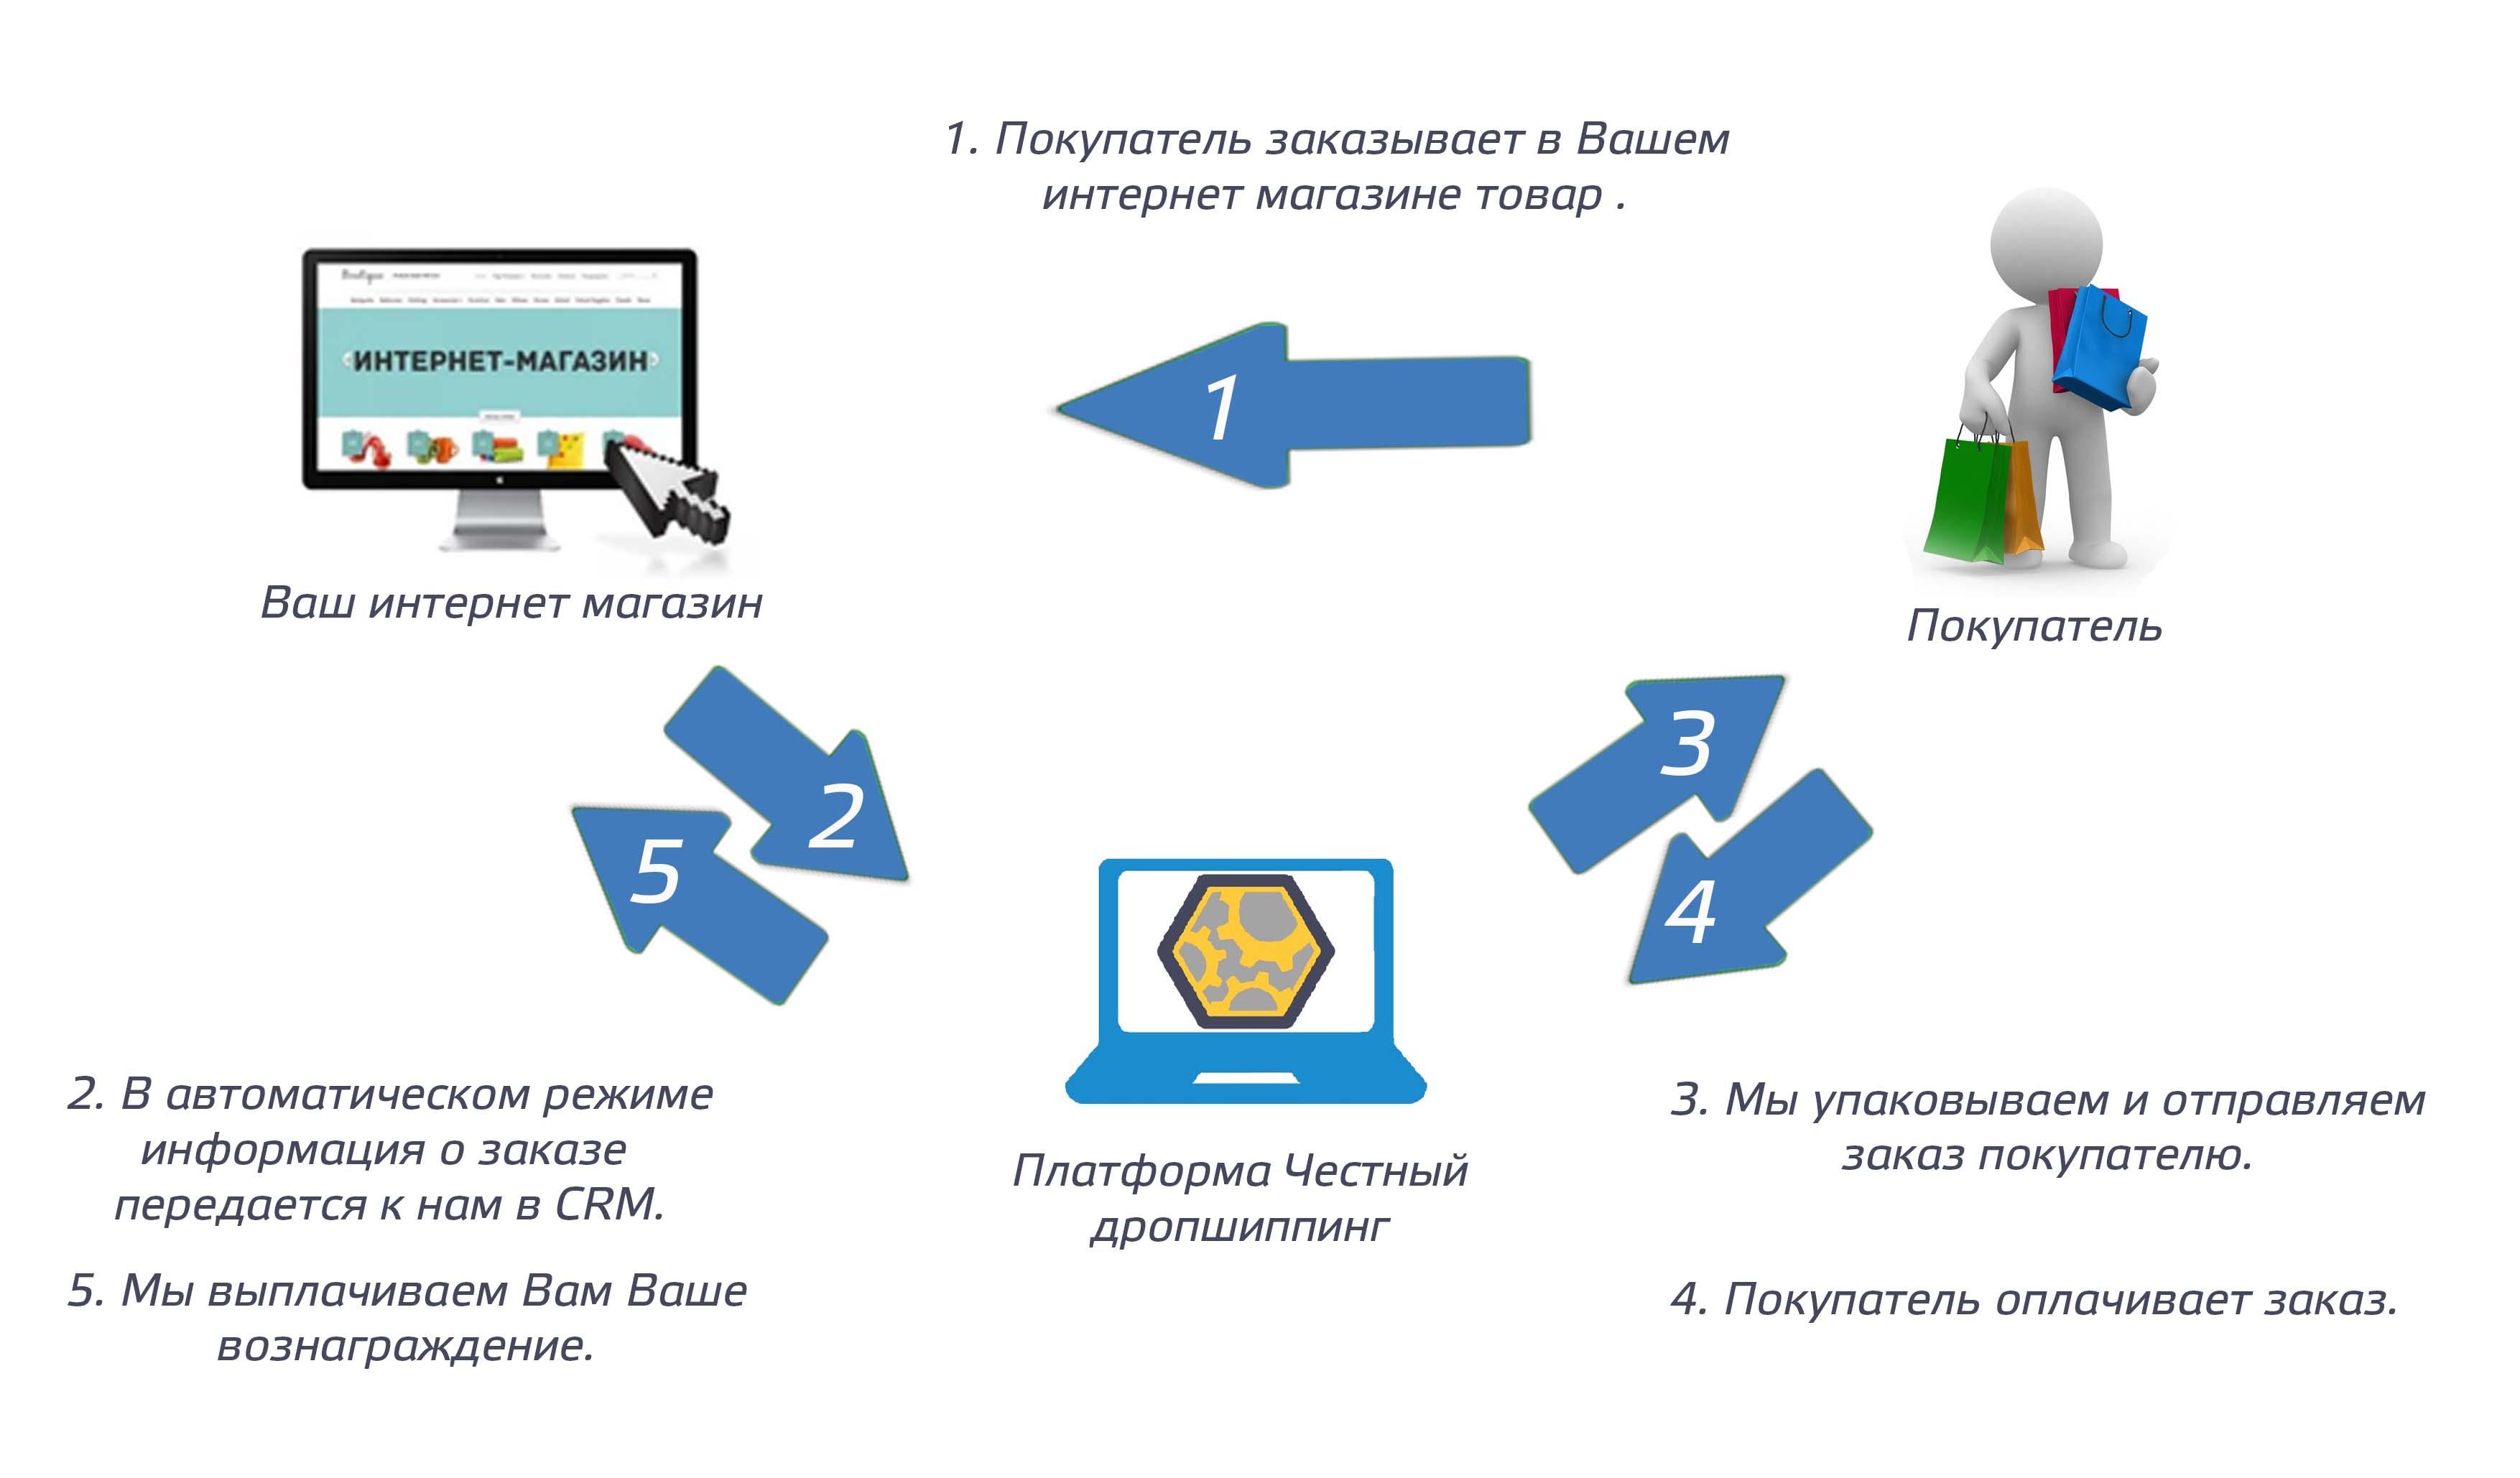 ЦИКЛ_РАБОТЫ.jpg